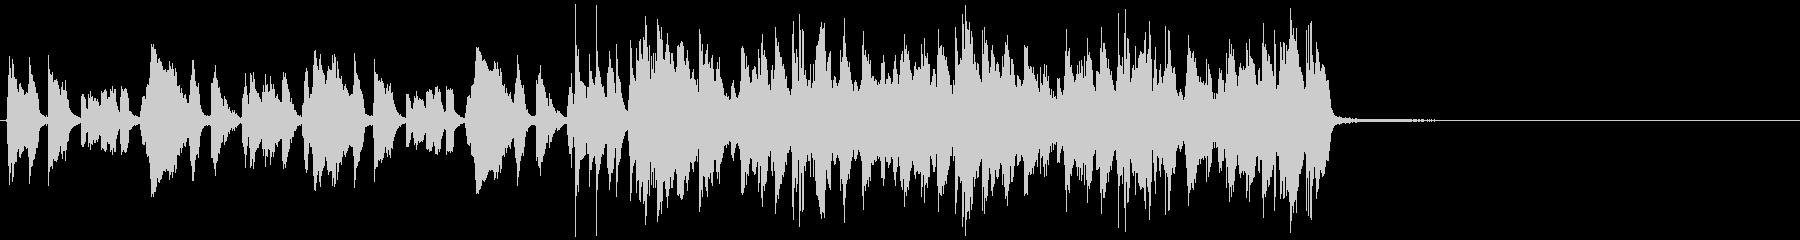 15秒CM向けアコギリフ コミカルな感じの未再生の波形